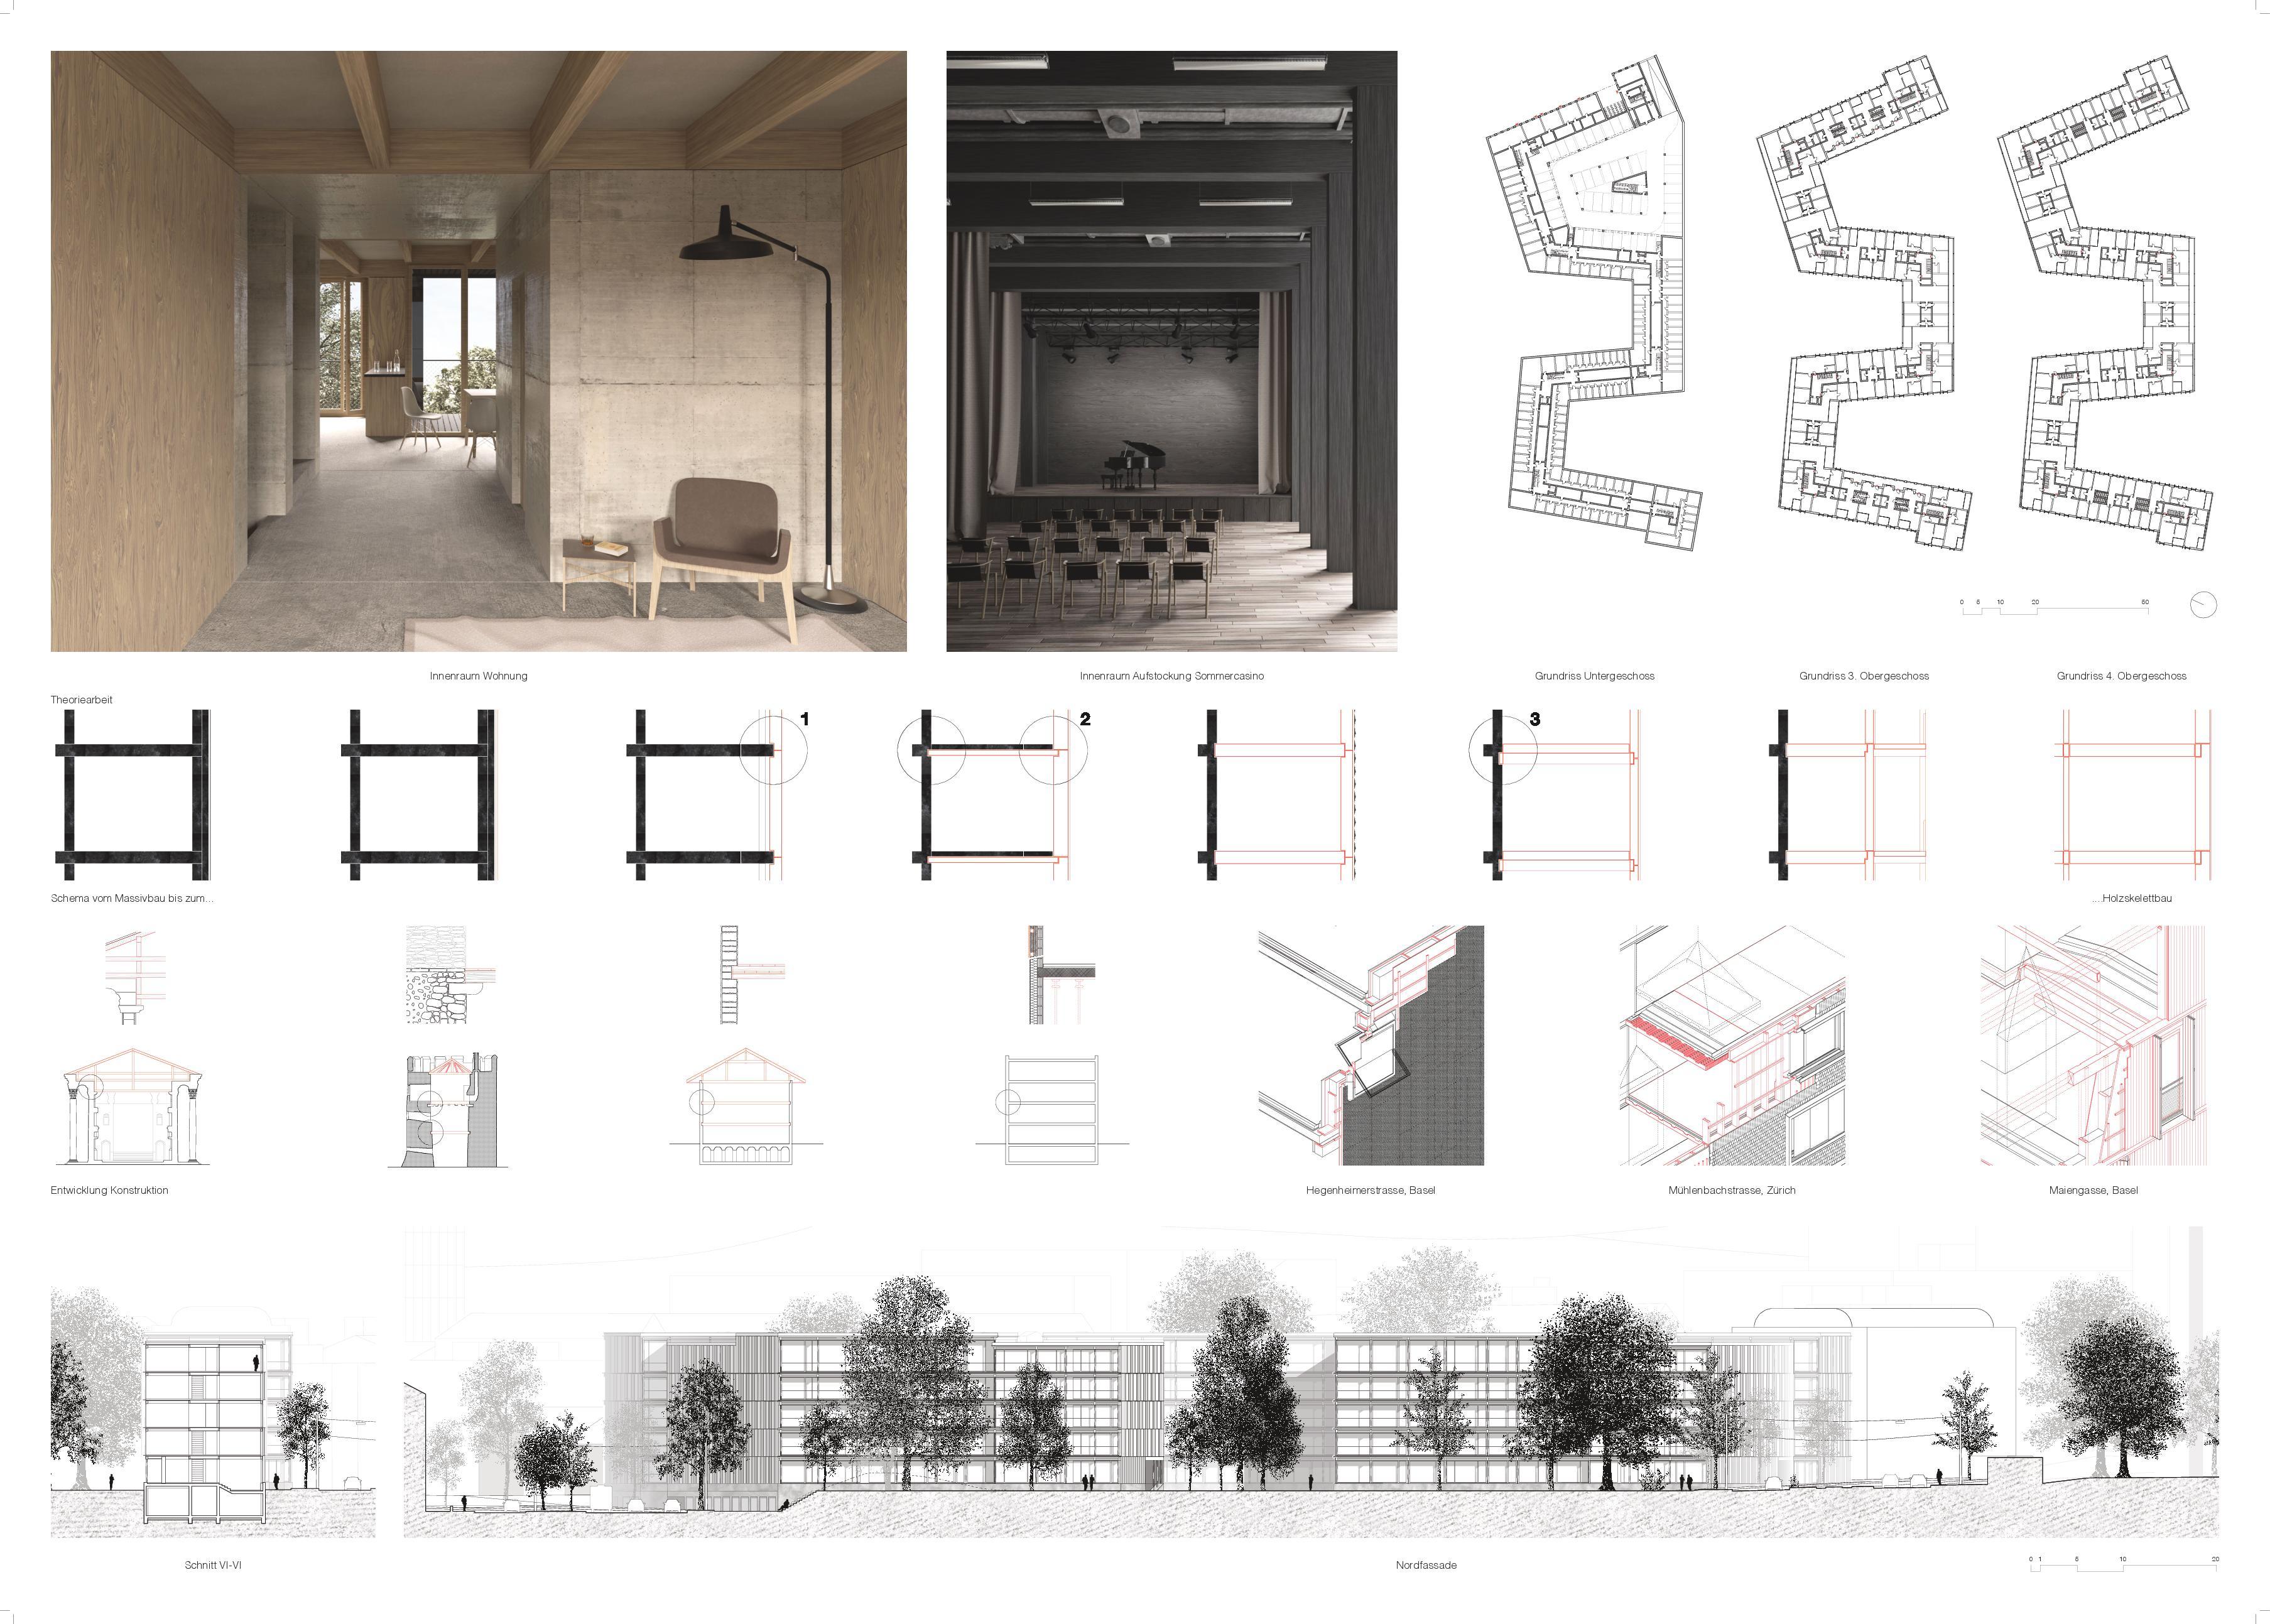 Plan 6 - Visualisierung, Konstruktion SommerKAAsino von